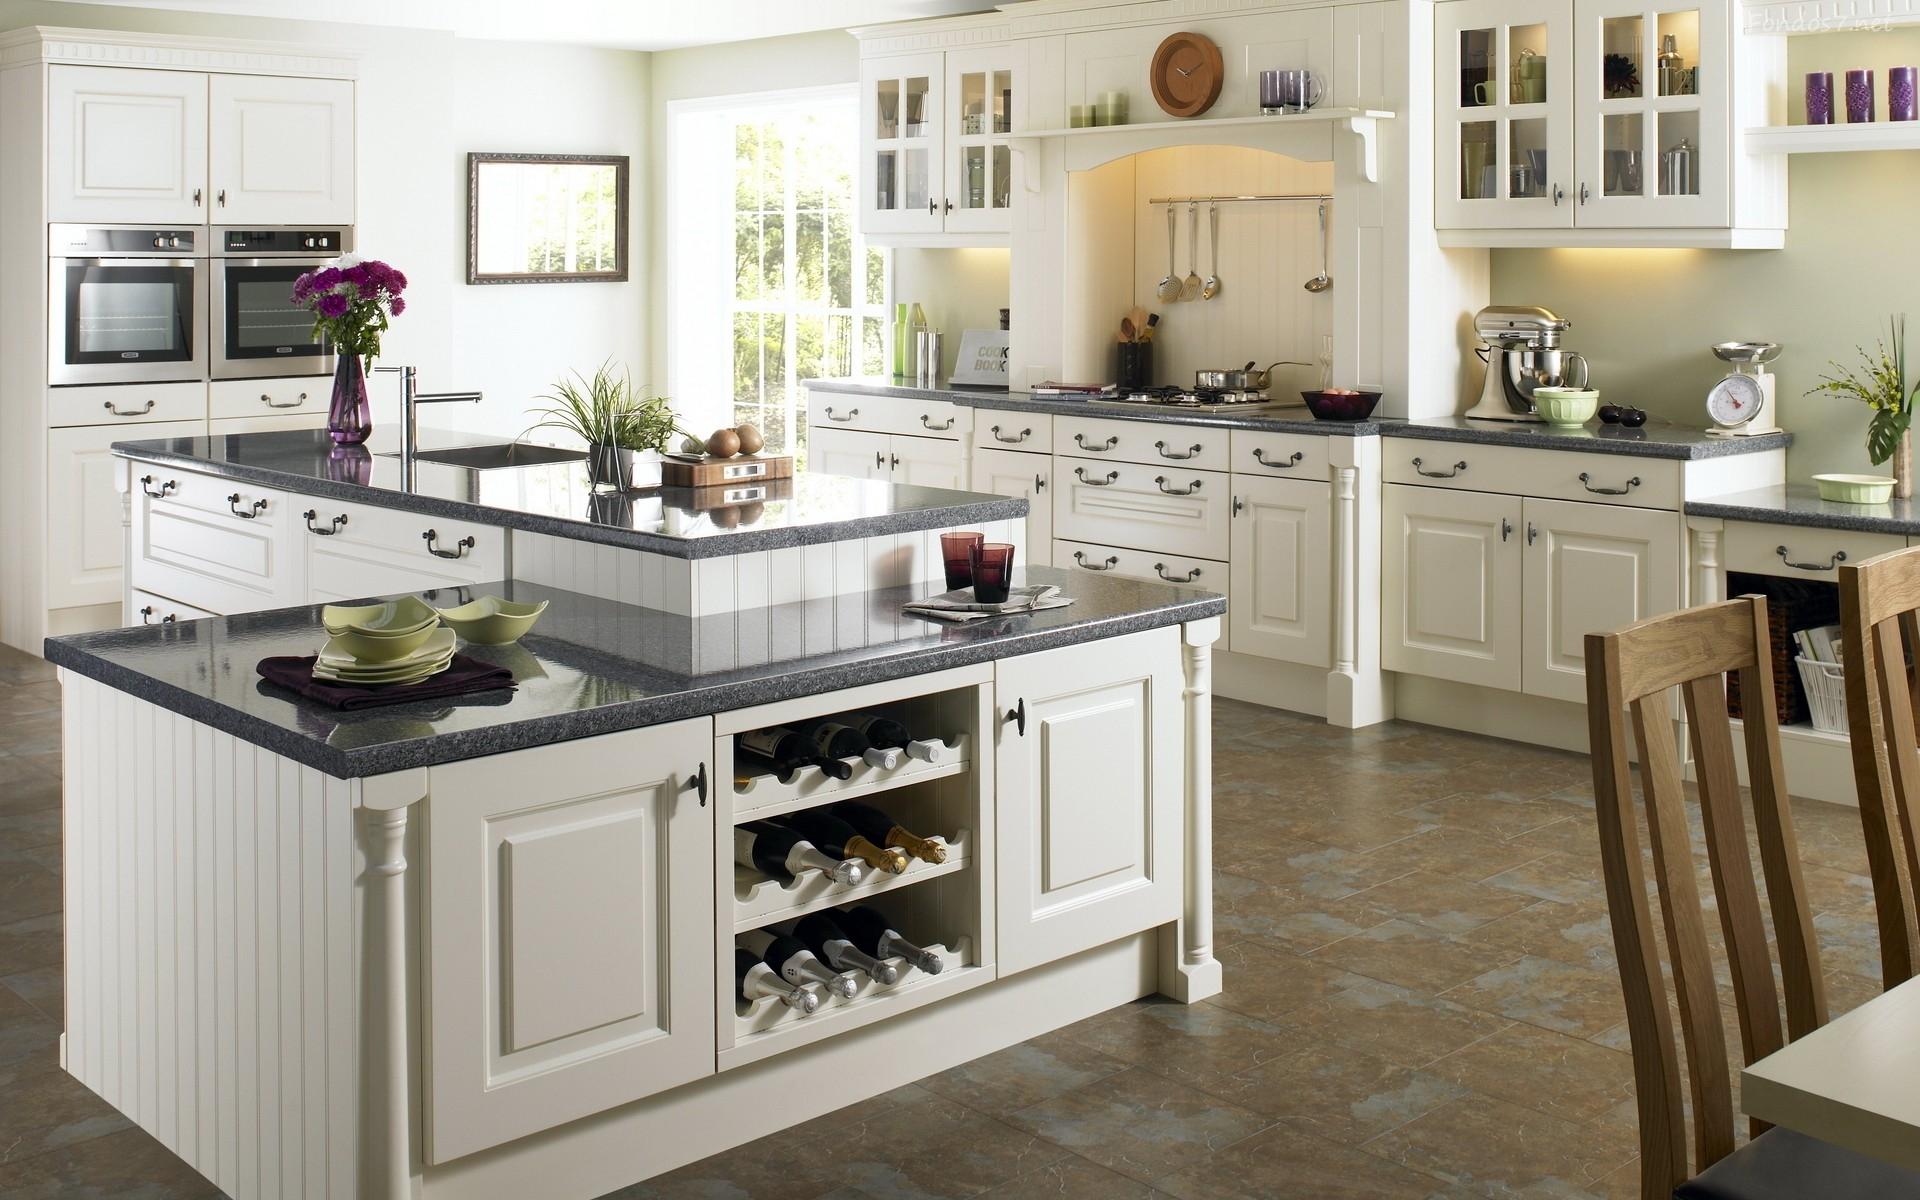 Fotos de cocinas modernas - Modelos de cocina modernas ...